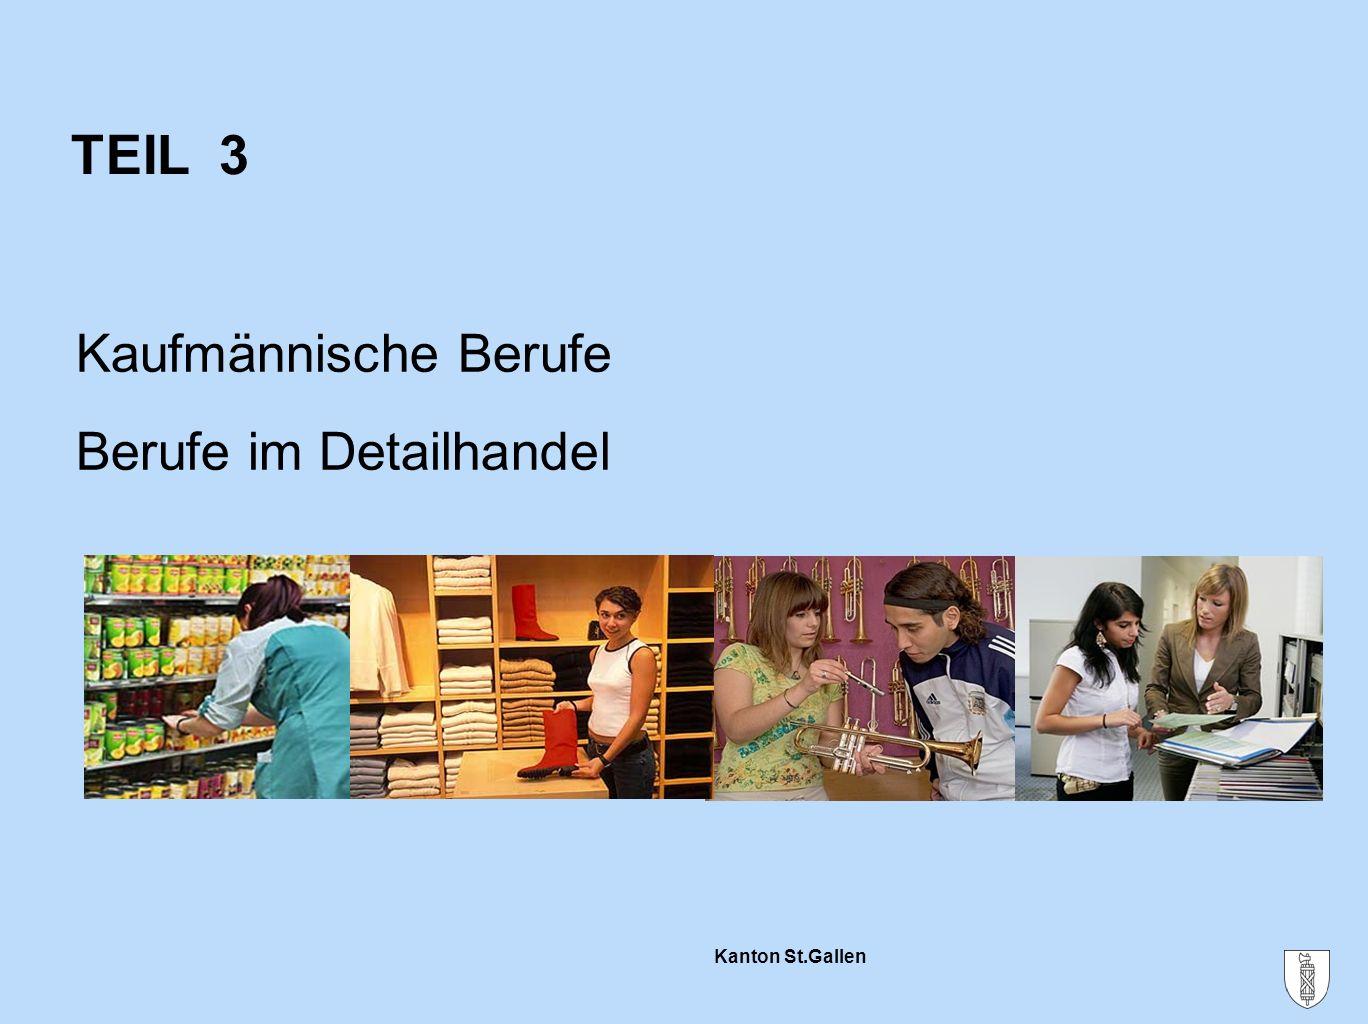 TEIL 3 Kaufmännische Berufe Berufe im Detailhandel